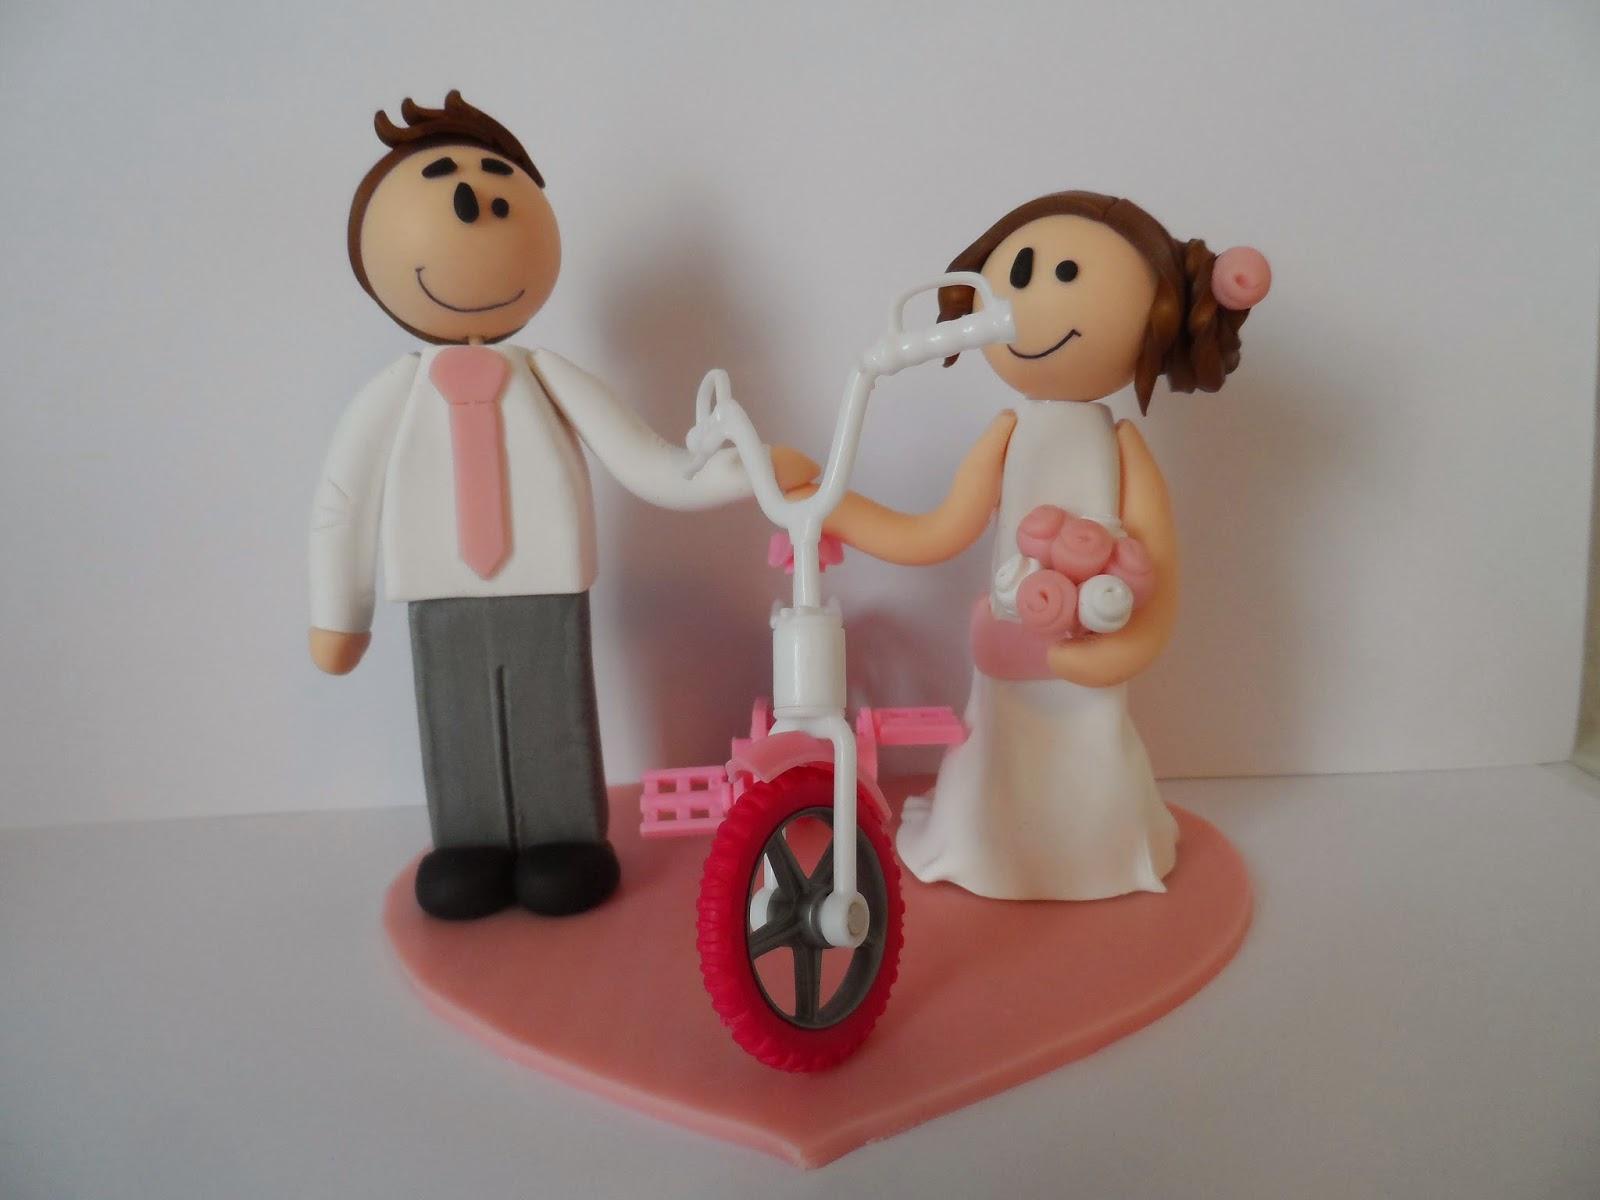 Drôle de patouilleuse Figurines de mariage pour pièce